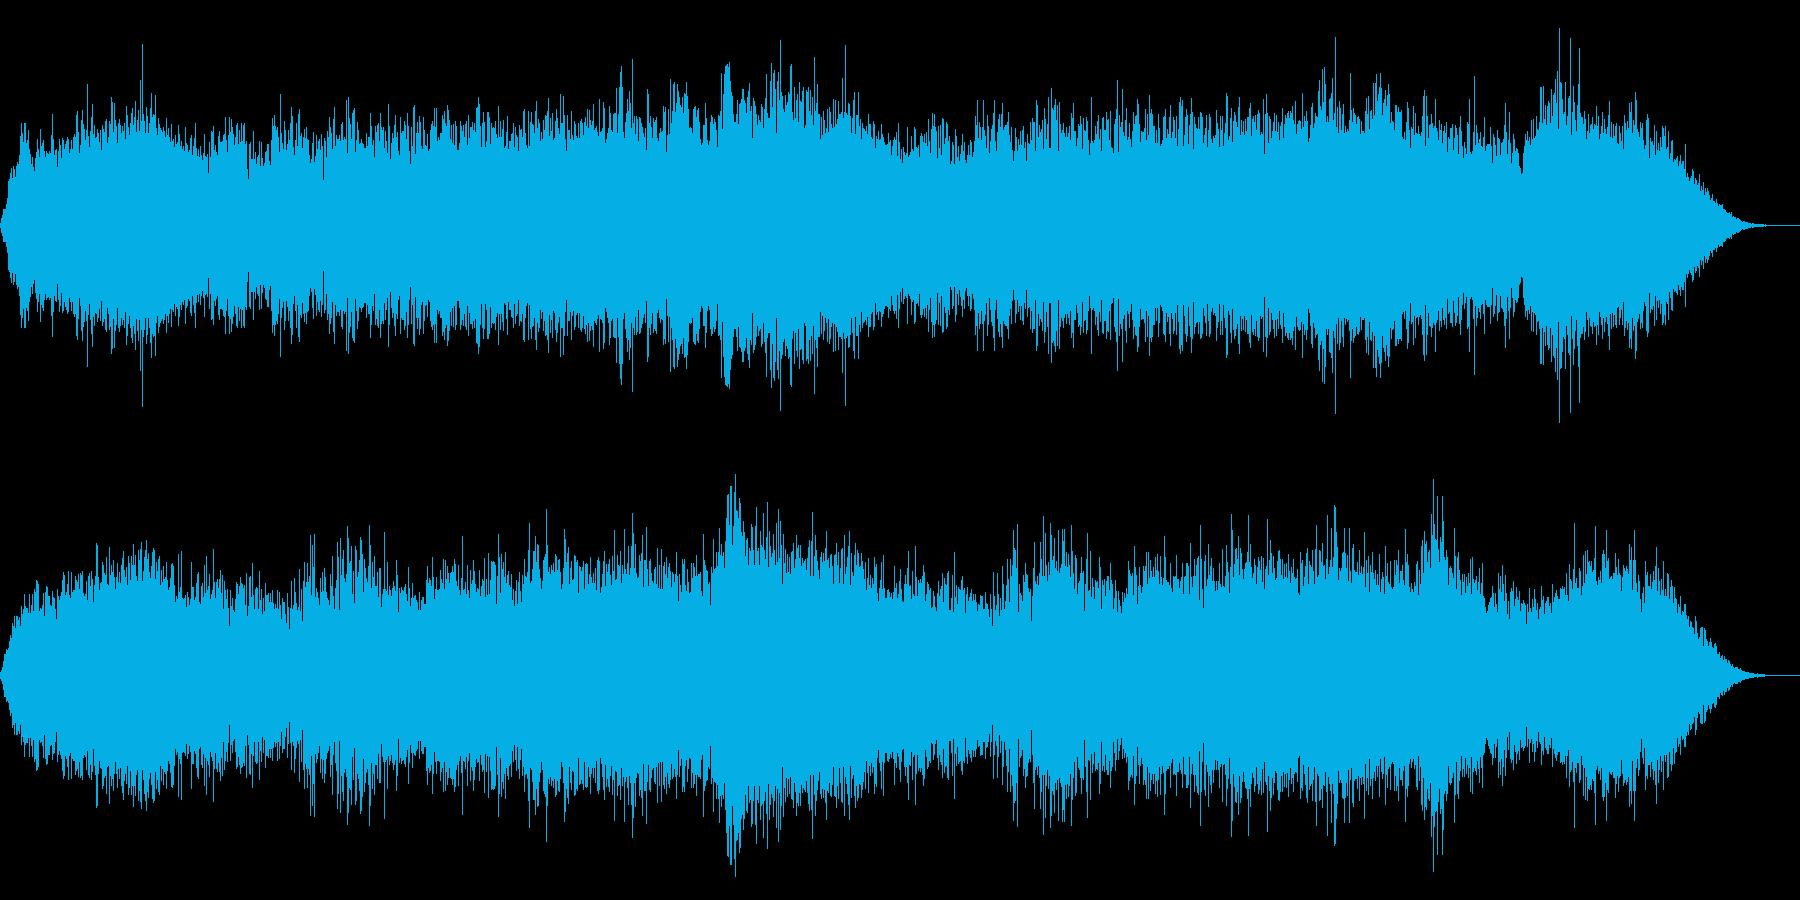 Dark_ホラーで怪しく神秘的-22_Lの再生済みの波形